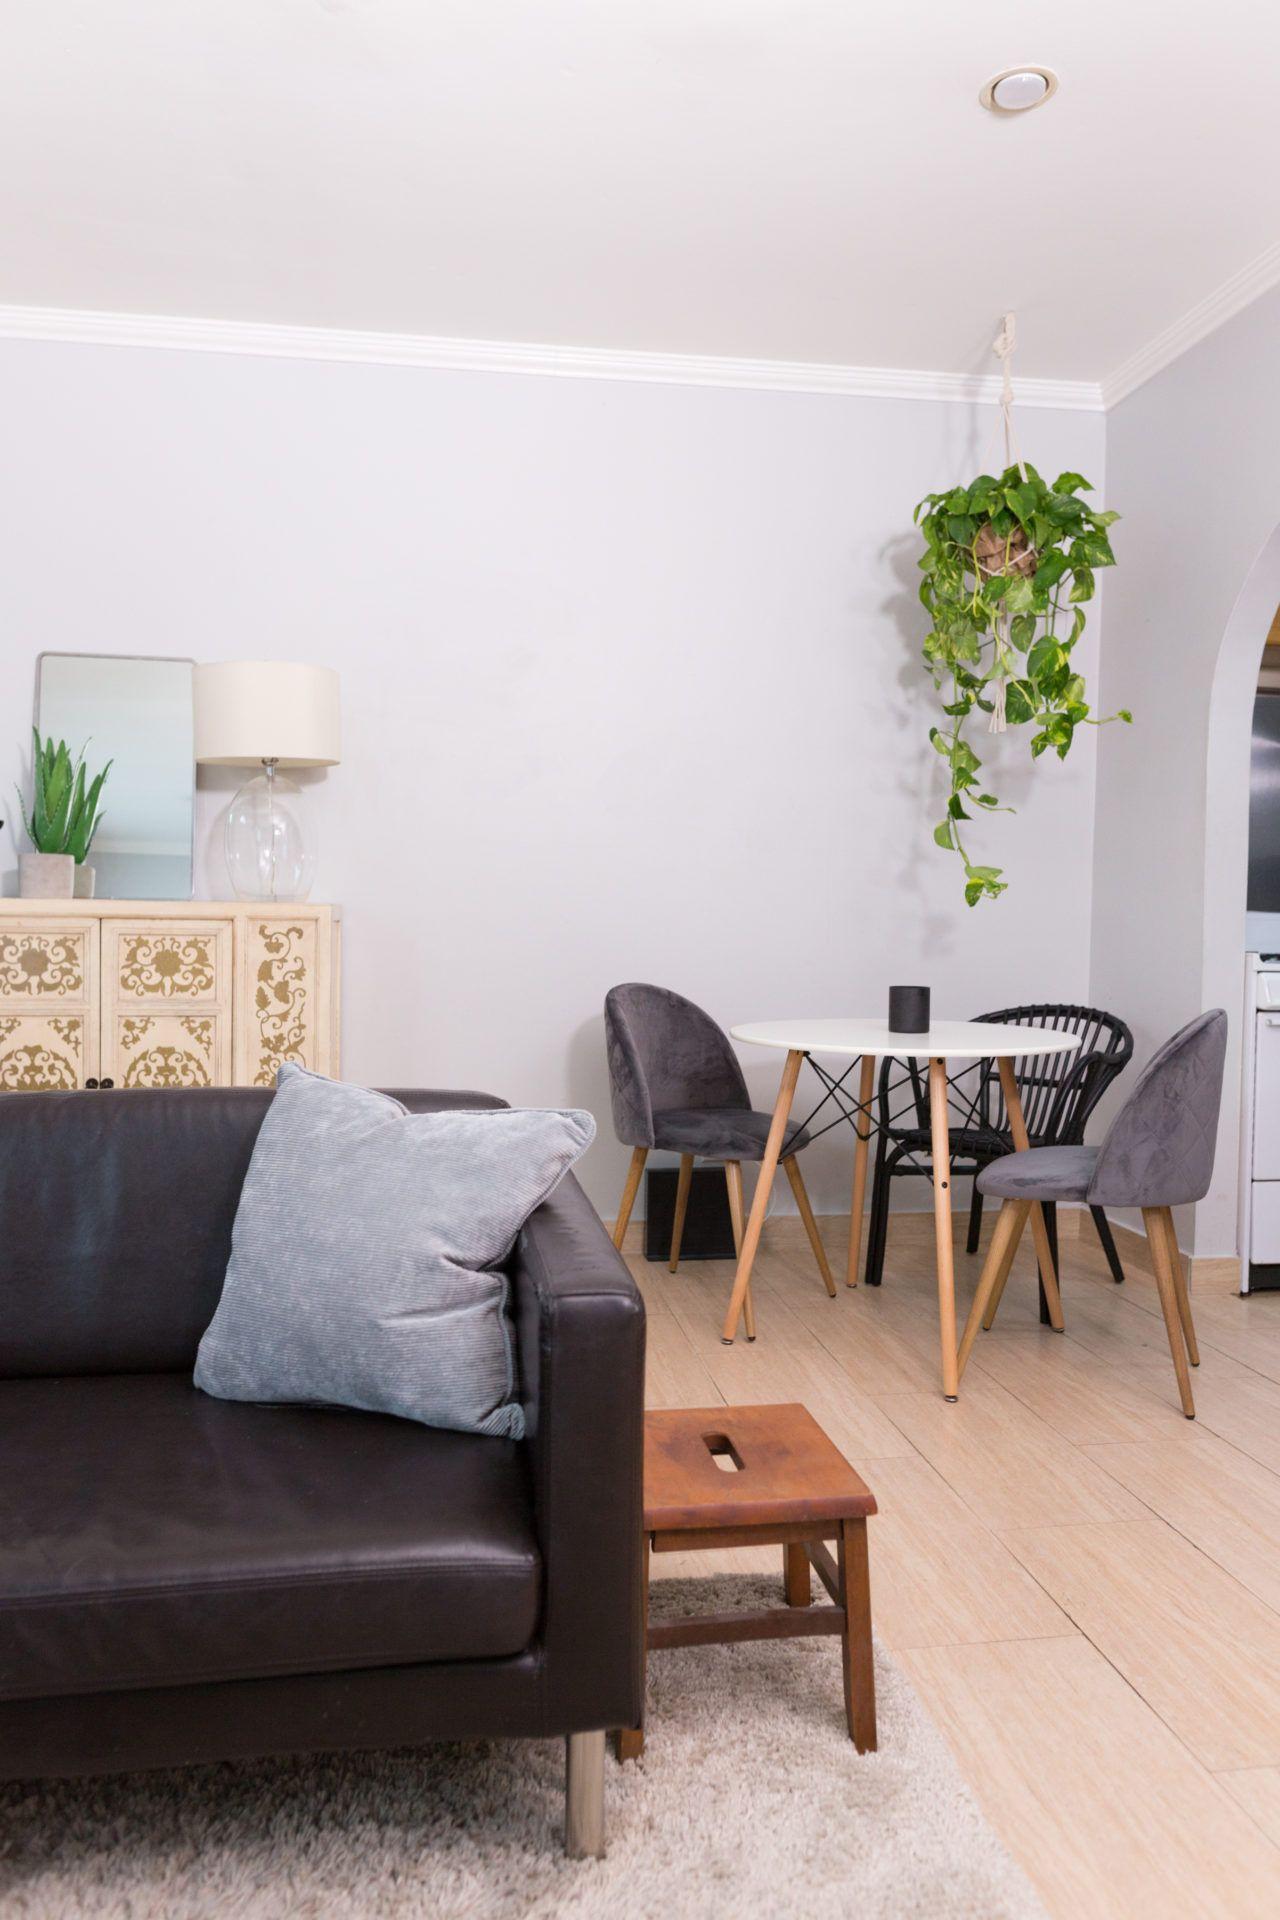 Tumblr Minimalist Living Room On A Budget Minimalist Dining